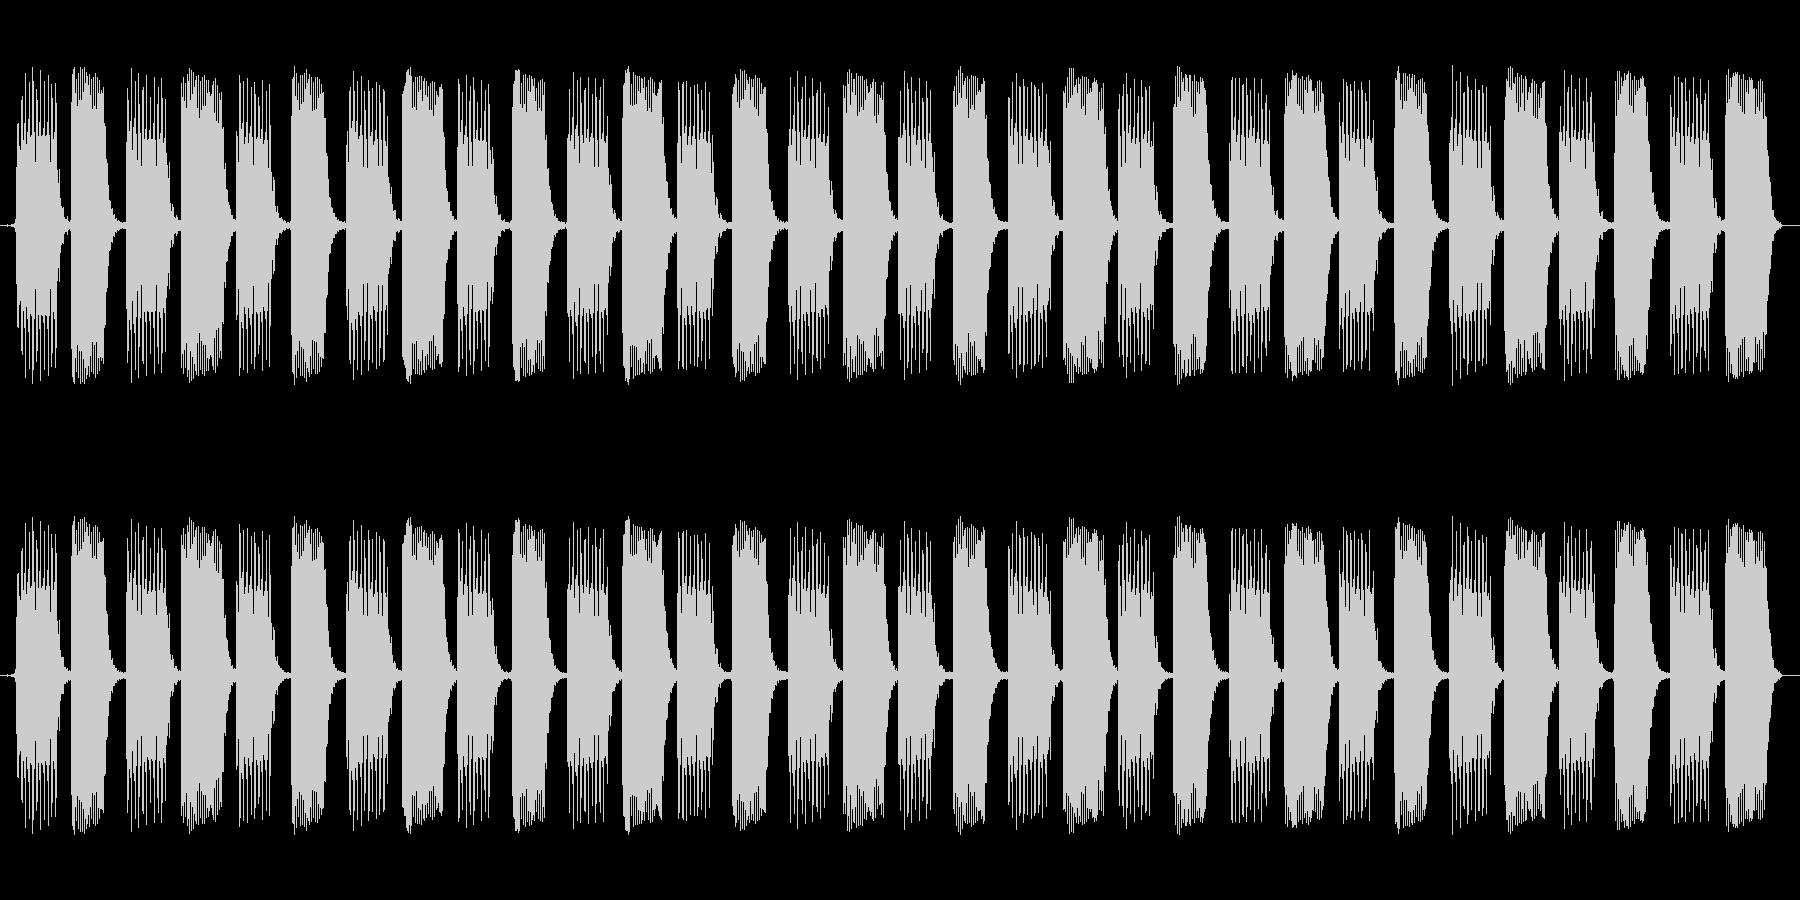 ピコピコピコピコ・・・という電子音です…の未再生の波形